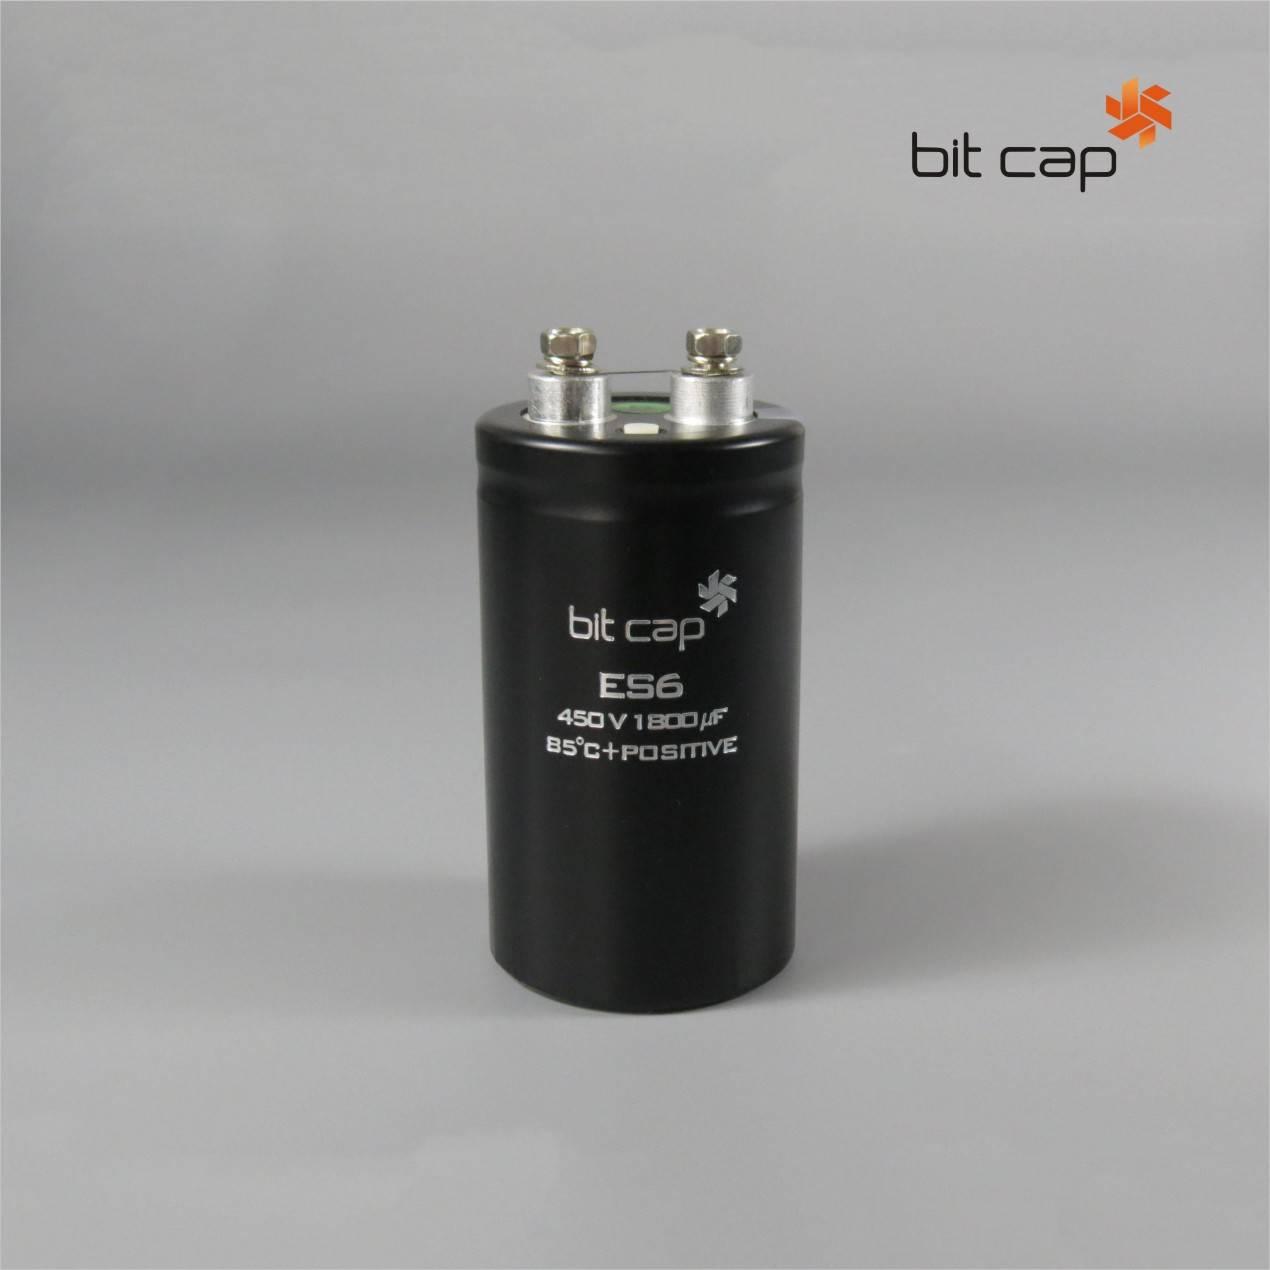 bit cap ES6  400V1800uf aluminum electronic capacitors